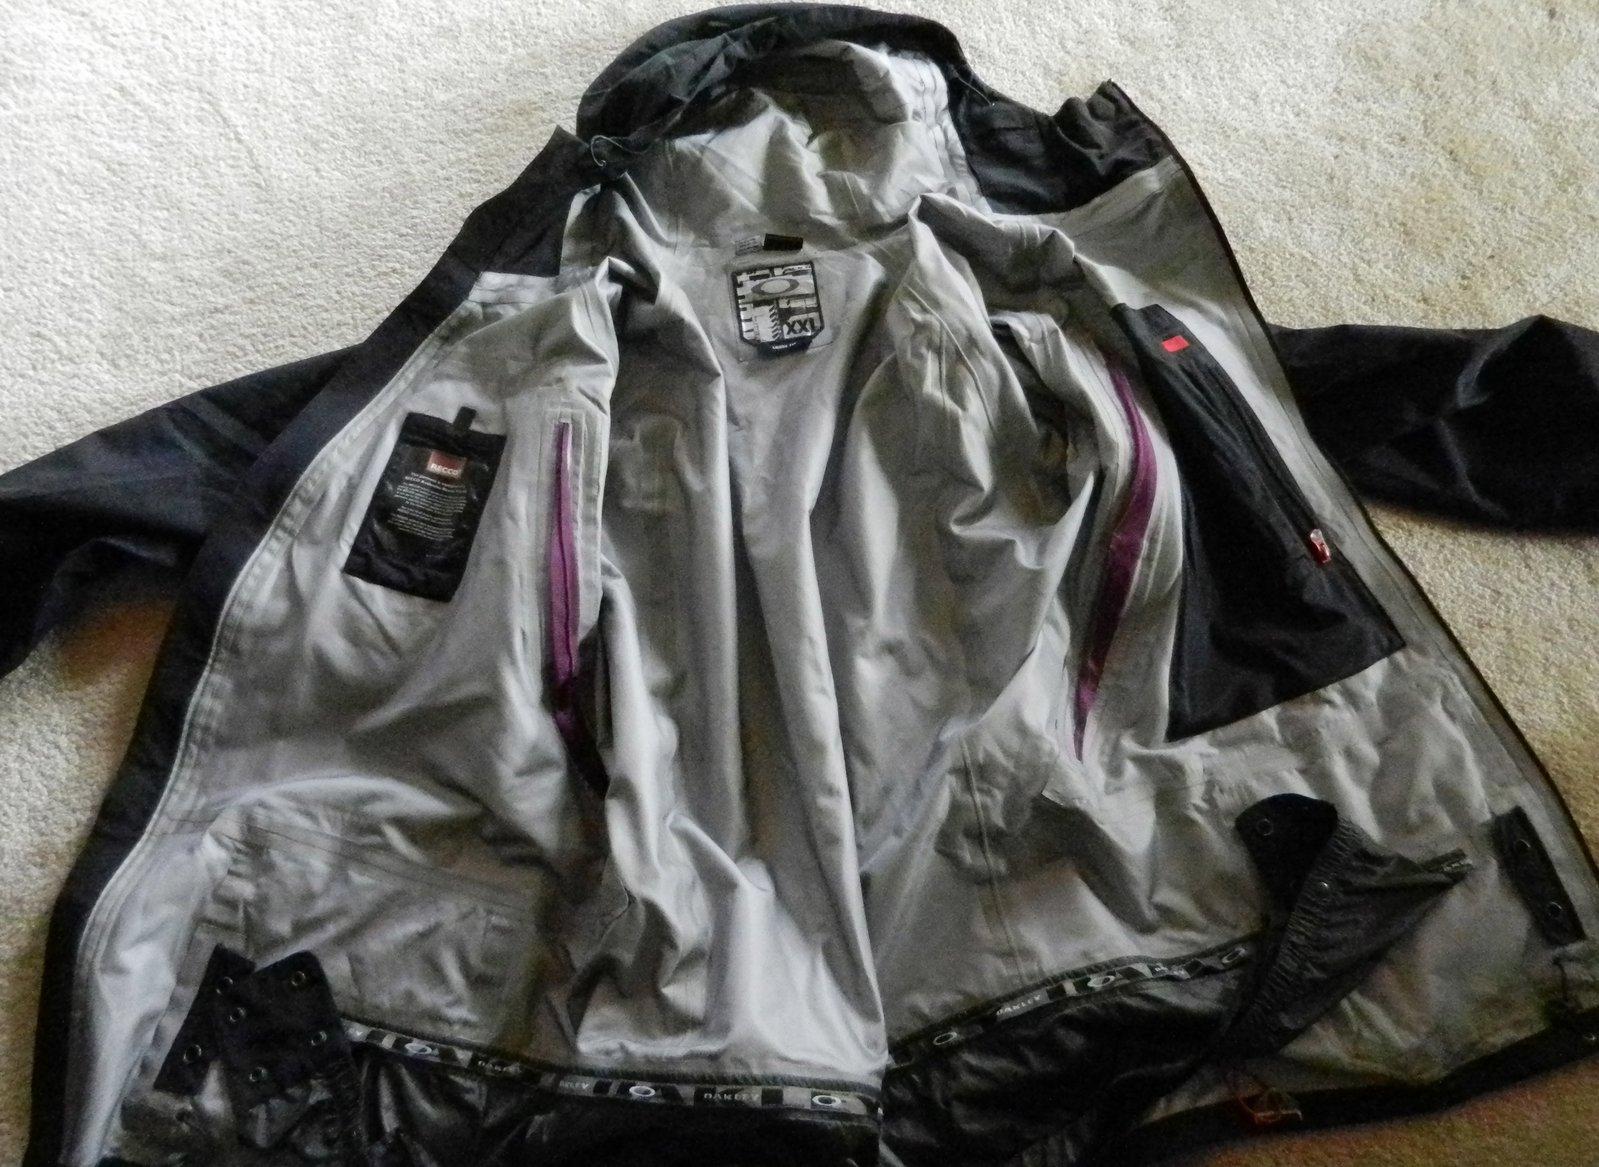 oakley jacket inside